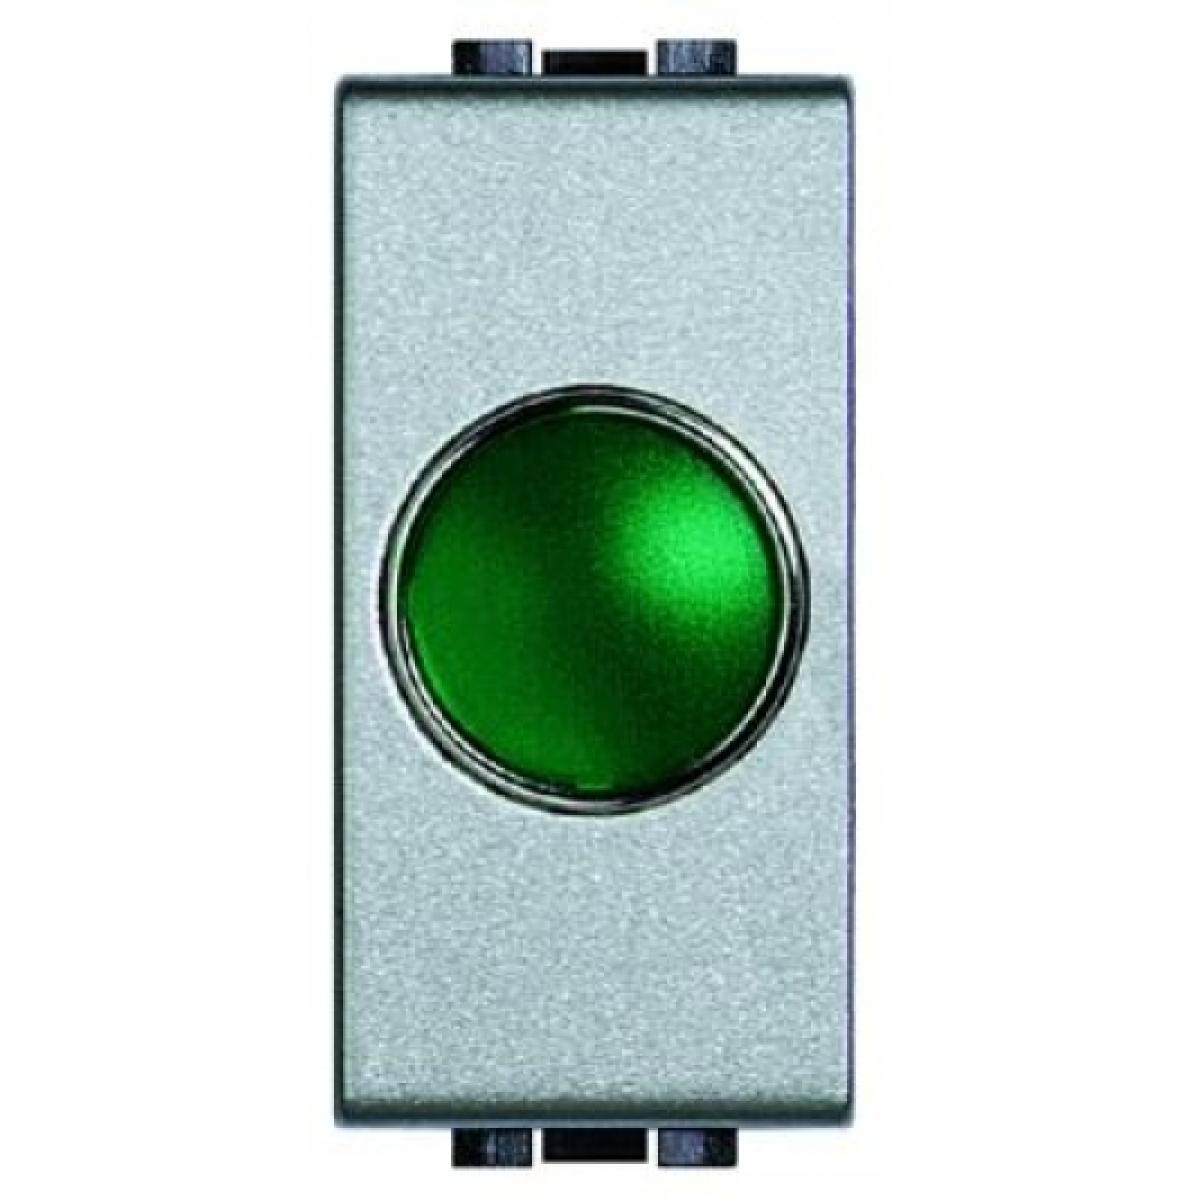 Portalampada Spia Verde Bticino Living Light Tech NT4371V